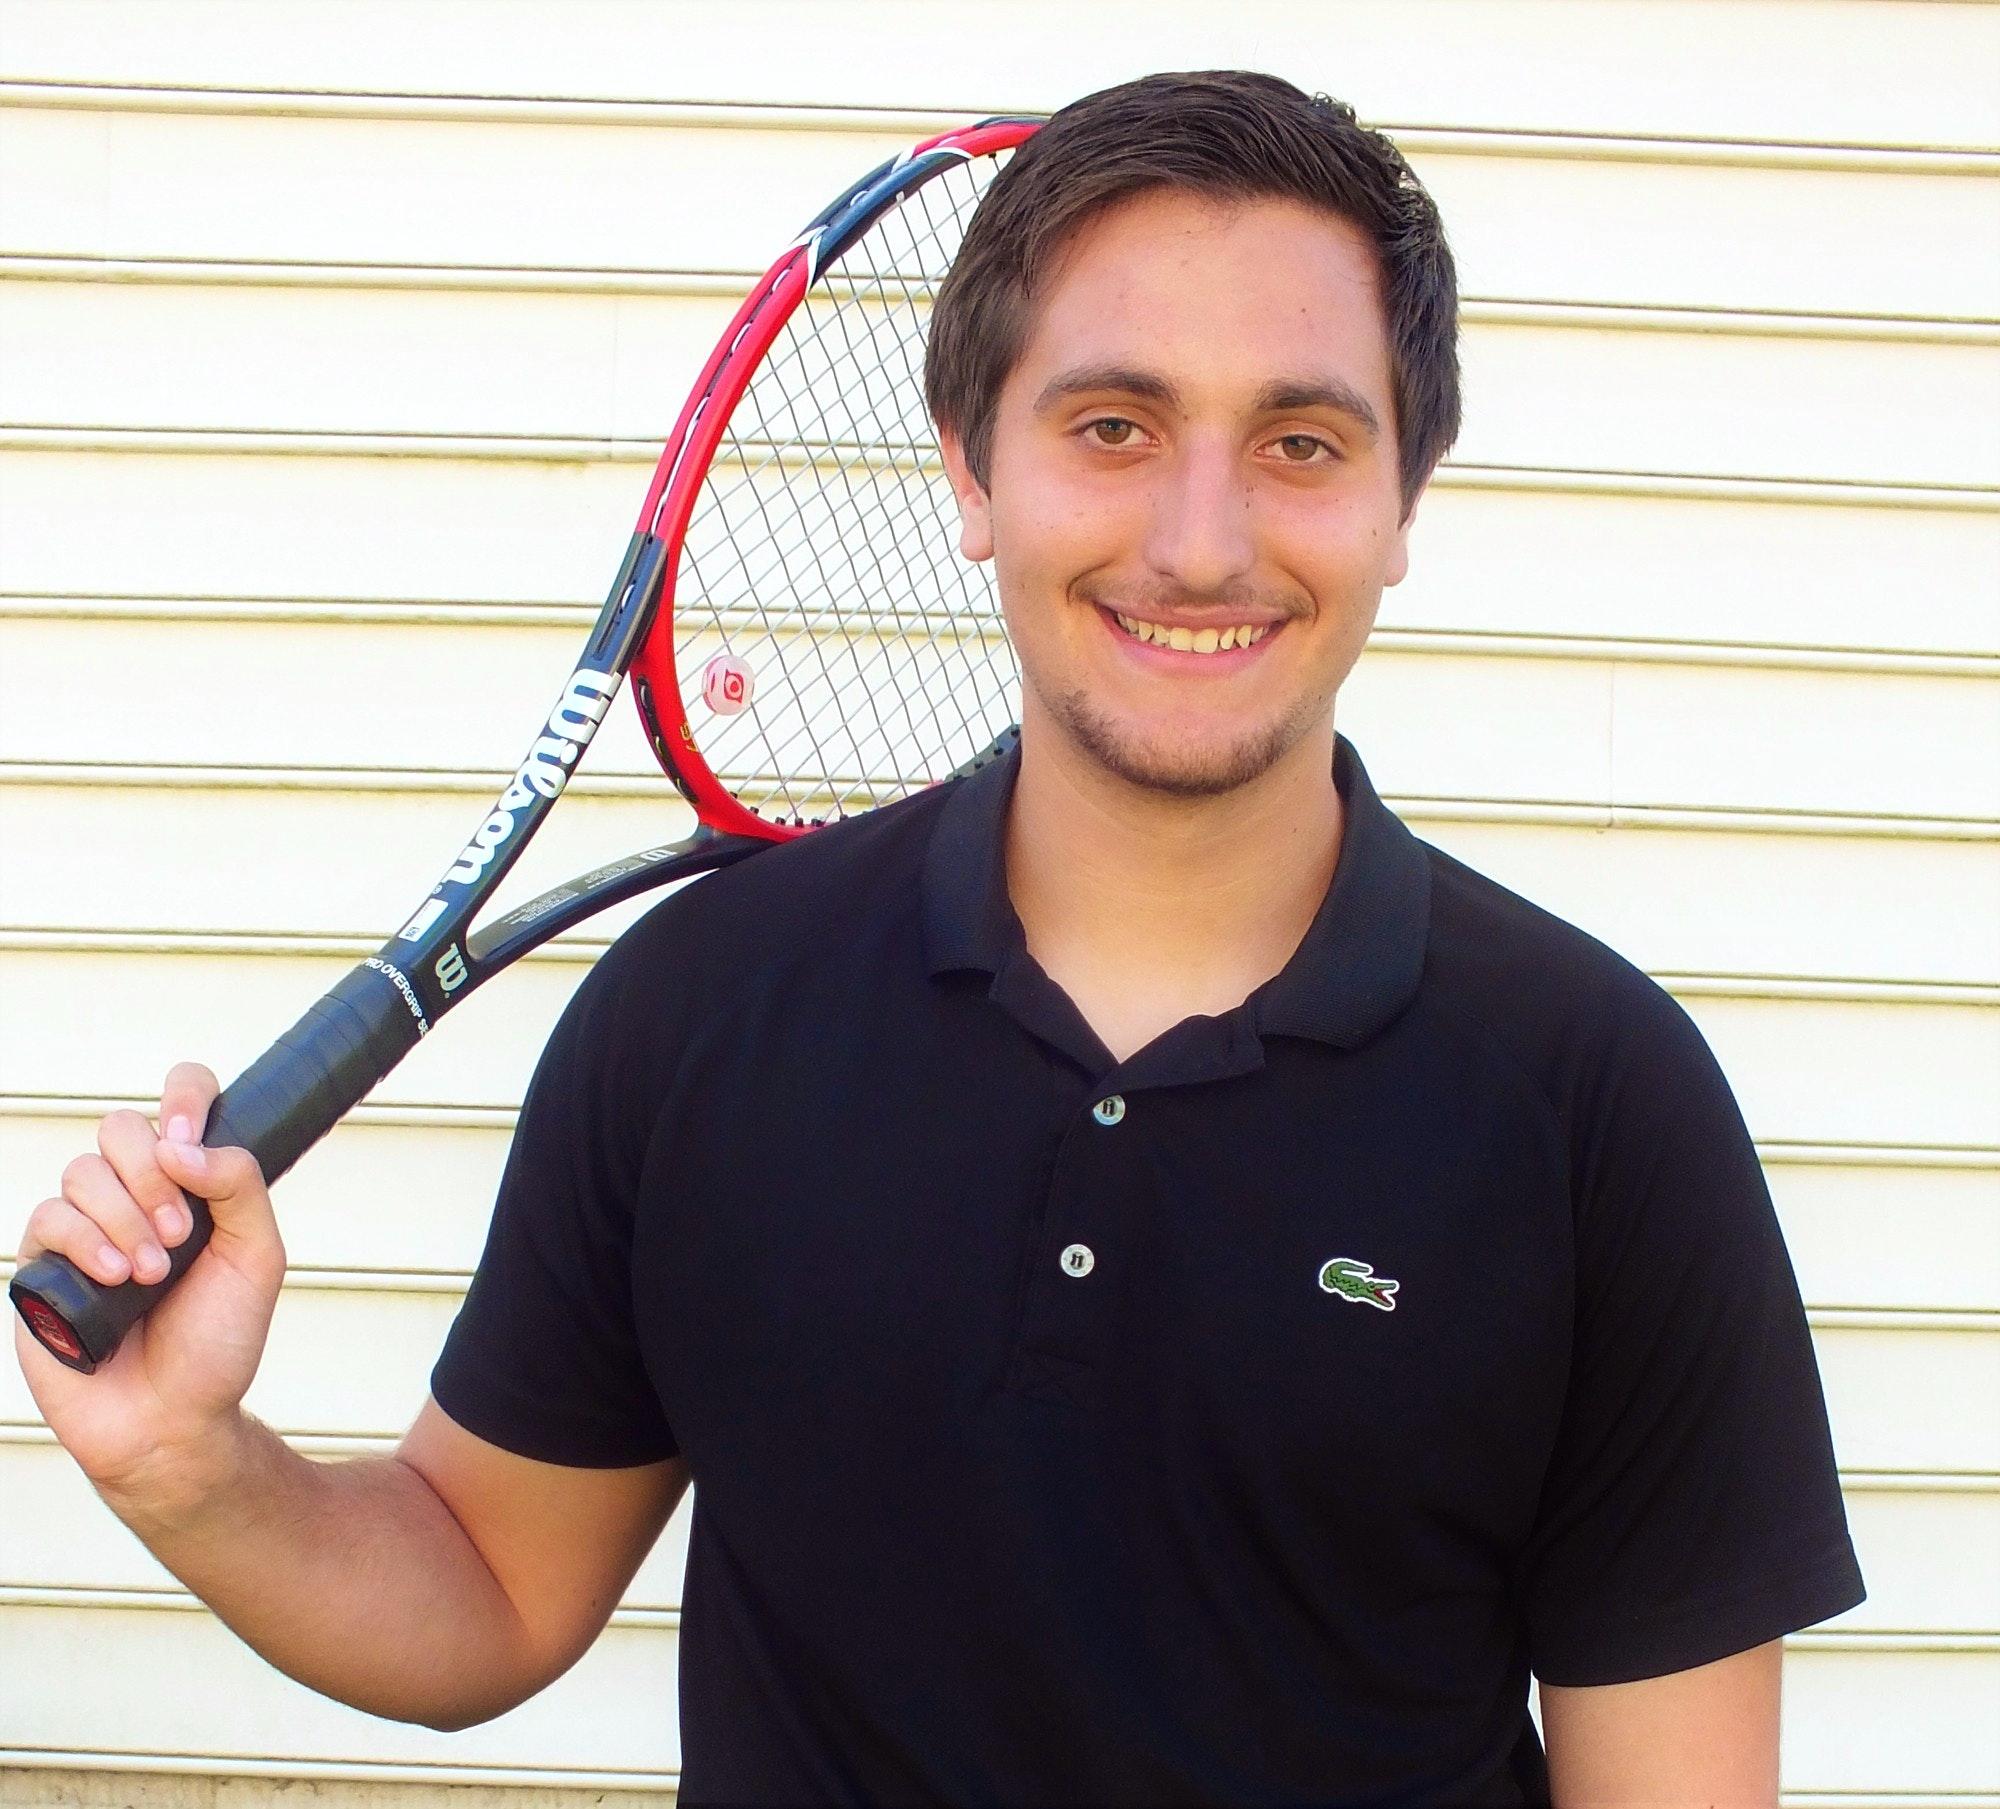 Alexander K. teaches tennis lessons in Nottingham, MD